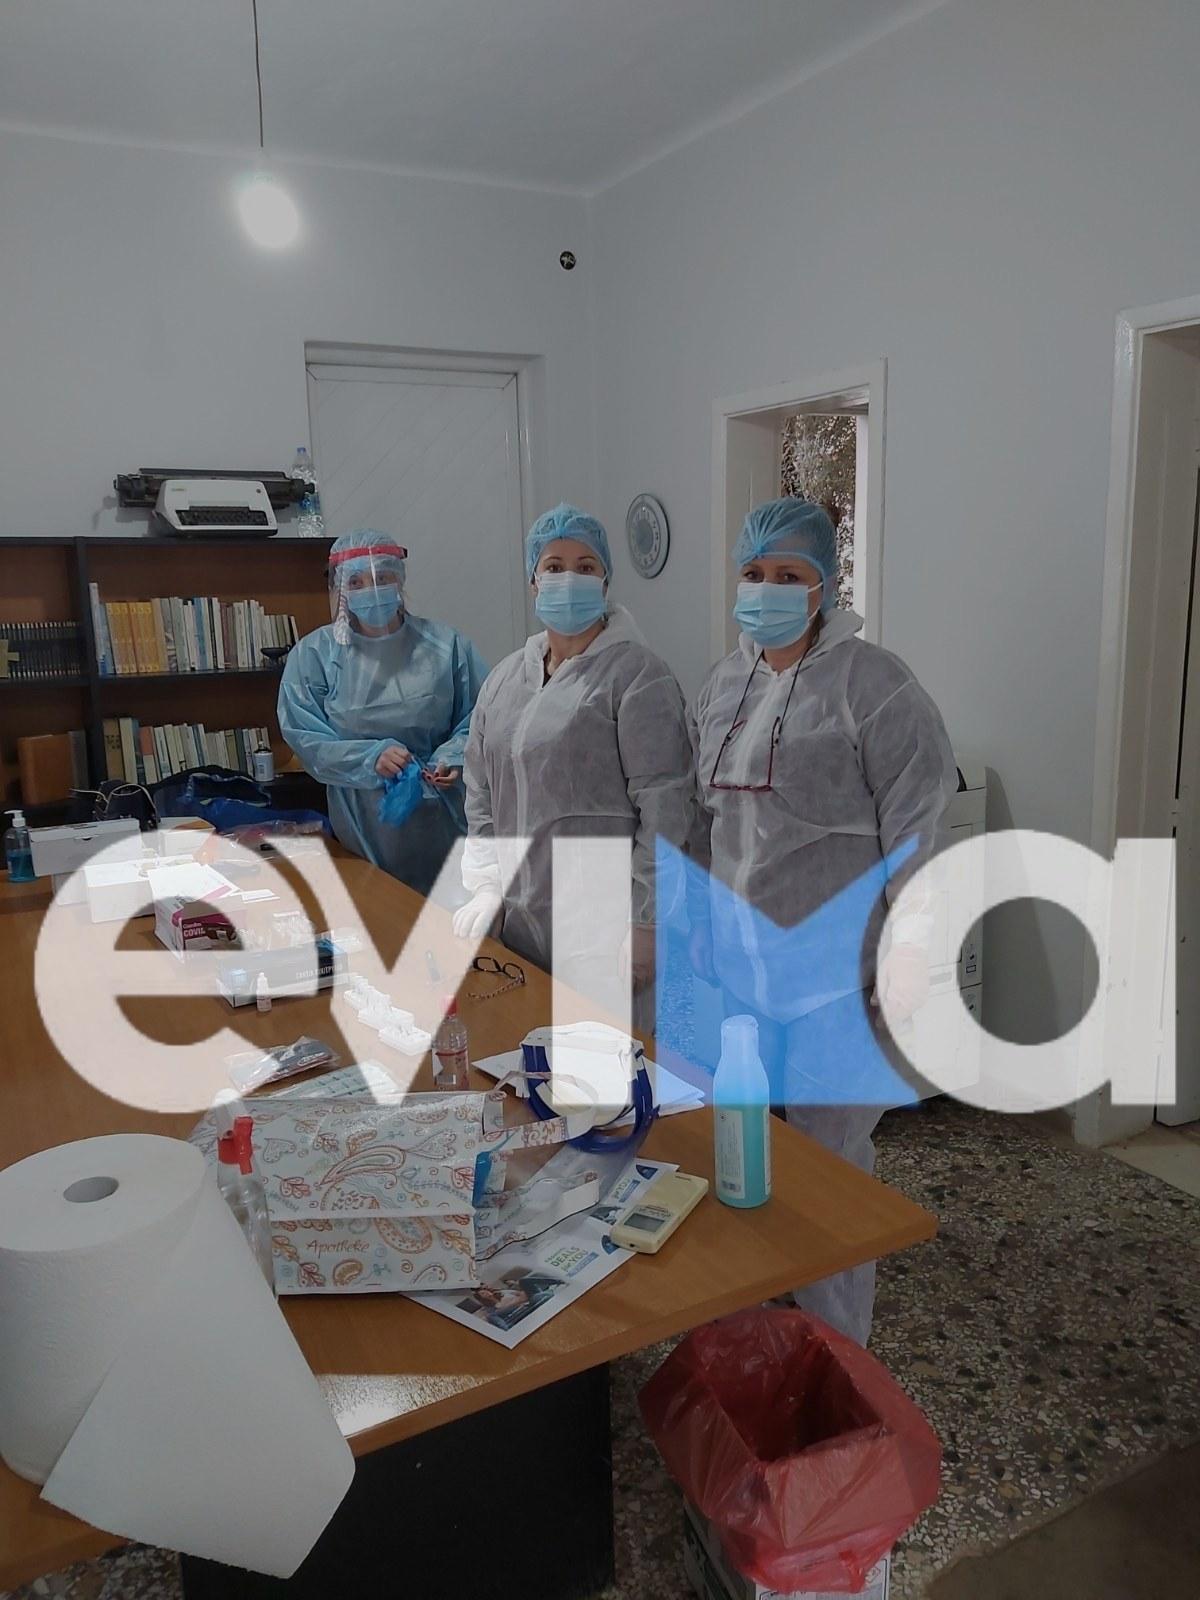 Κορονοϊός Εύβοια: Rapid test στην Κοινότητα Τριάδας – Θα γίνουν και στον Άγιο Αθανάσιο